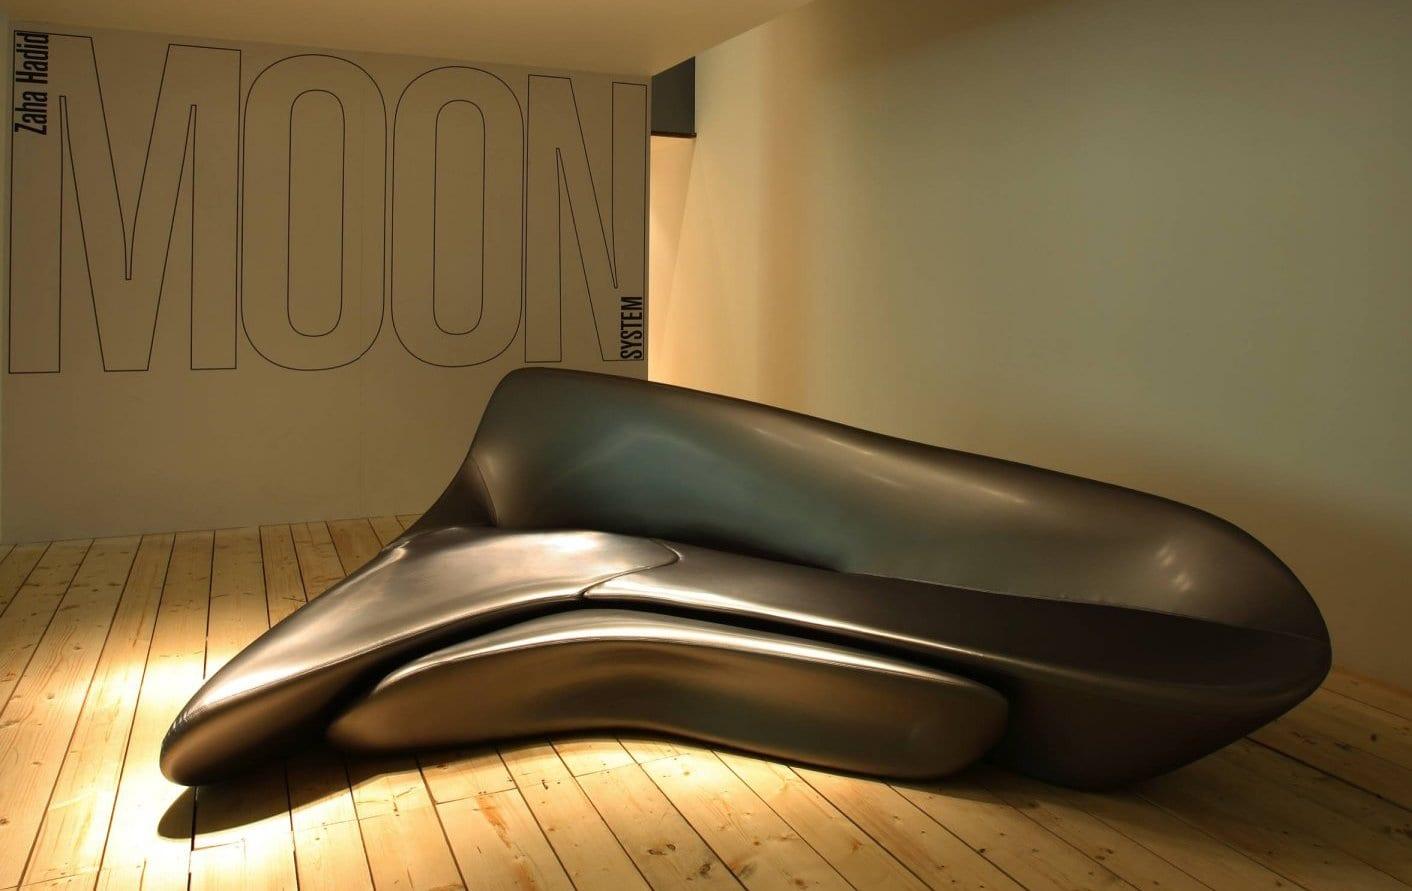 ergonomisches sofa grau aus polyurethane für Fläxibilität und schickes Interieur Design